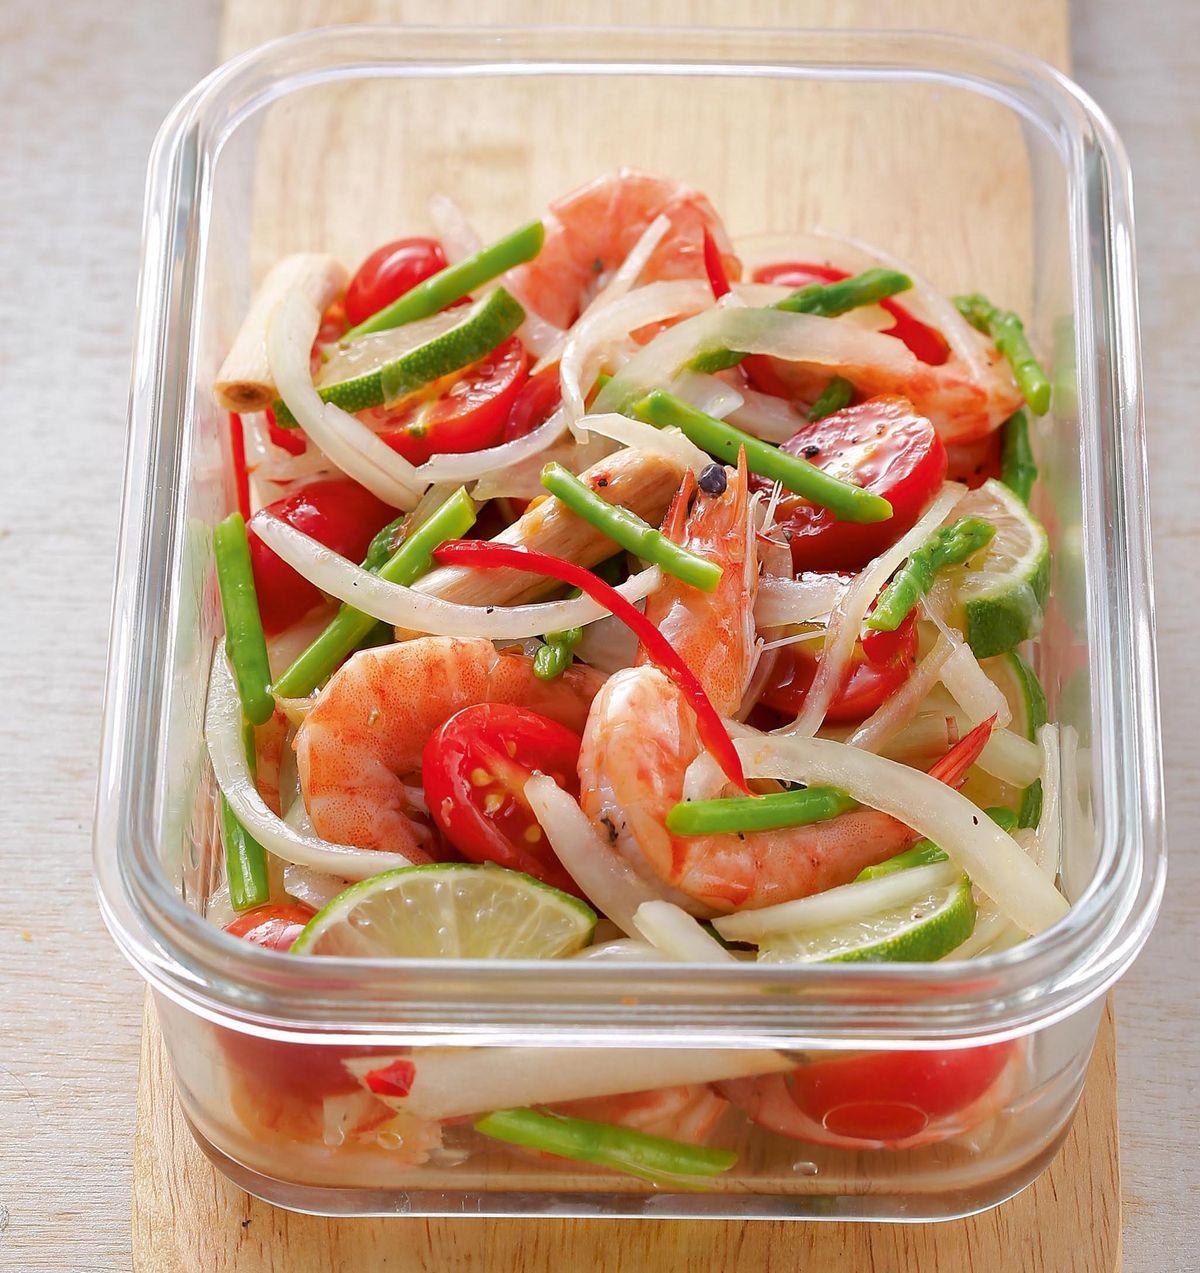 食譜:涼拌泰式酸辣鮮蝦蘆筍